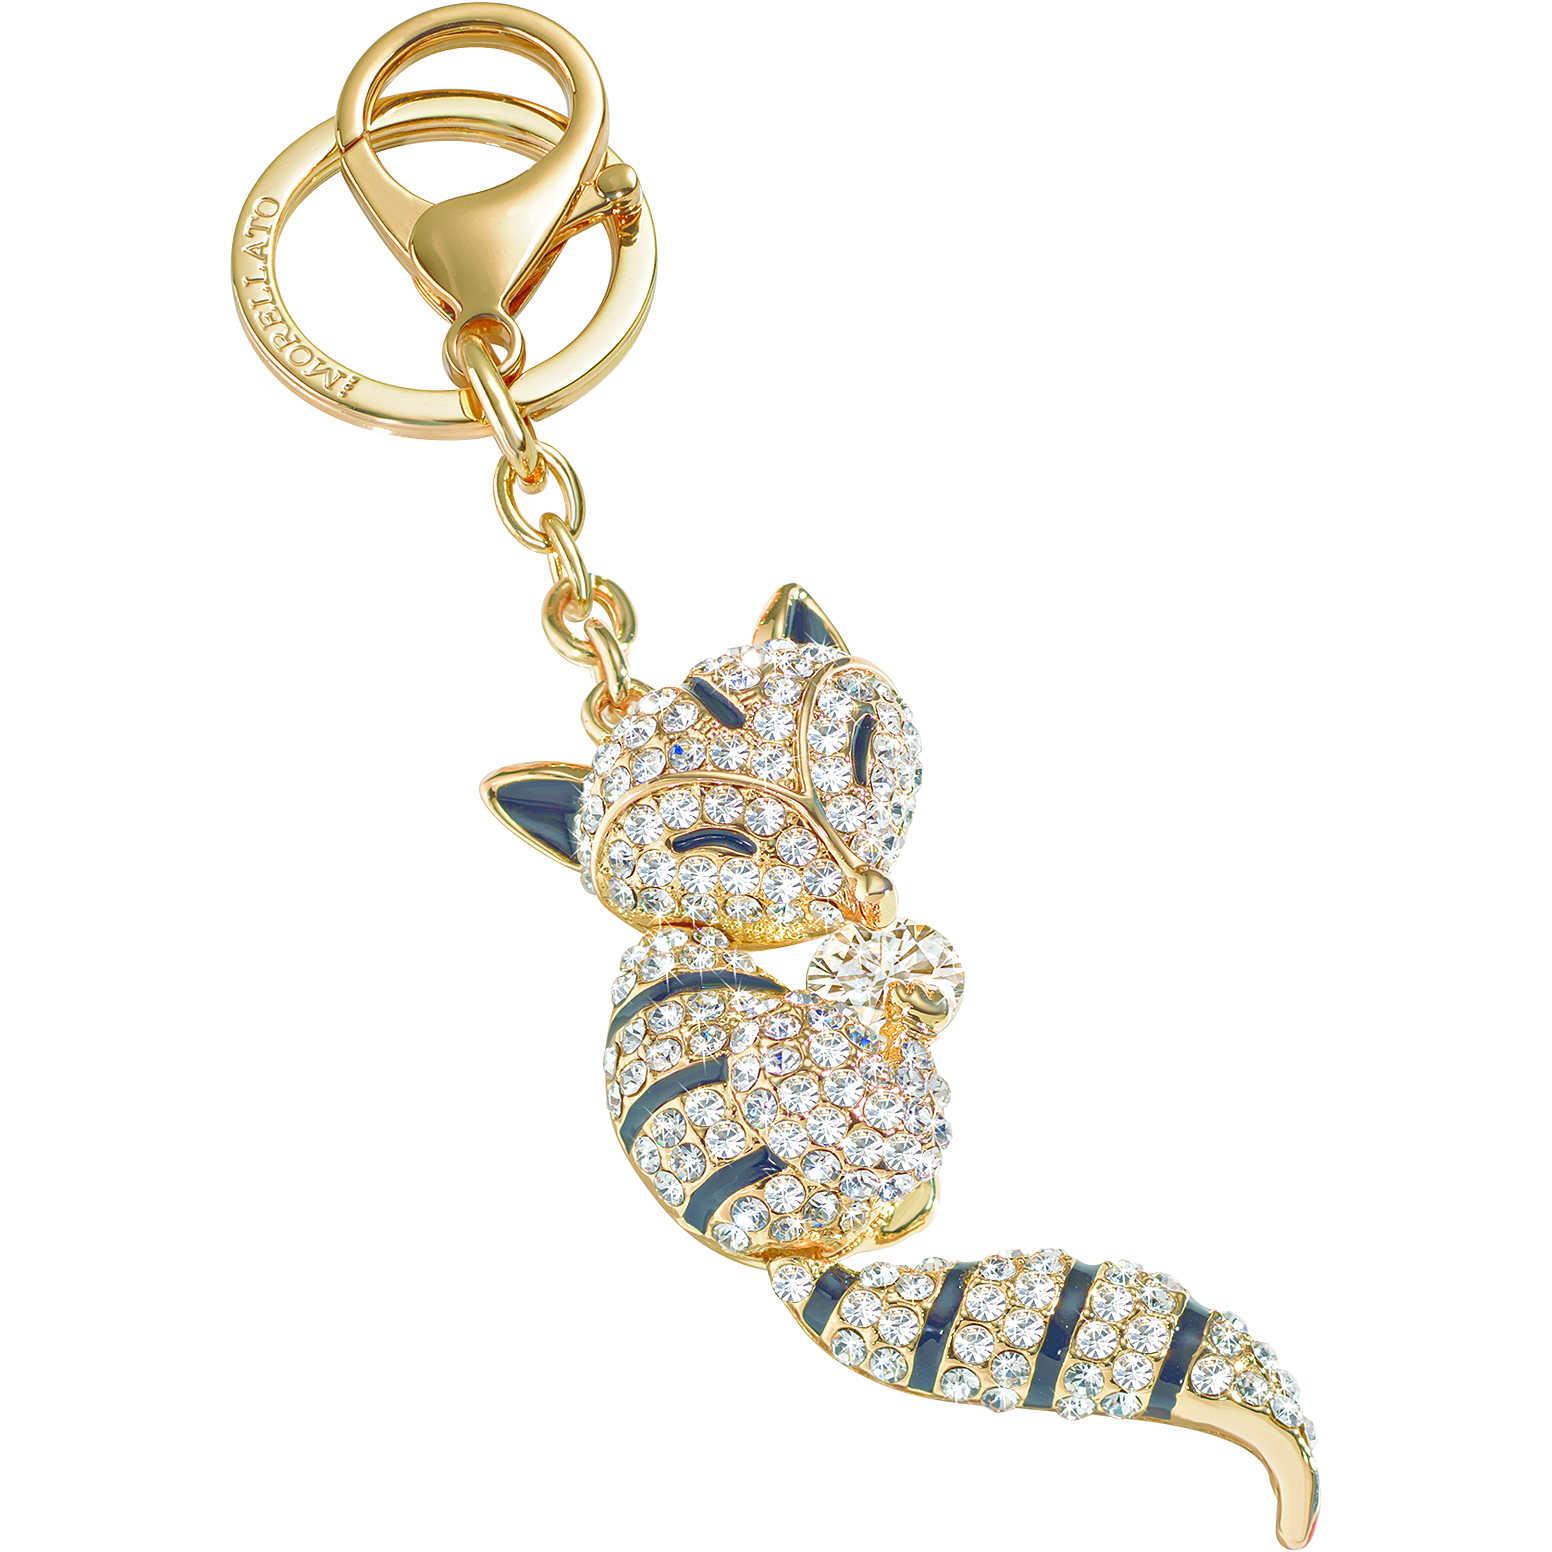 negozio ufficiale Miglior prezzo la moda più votata portachiavi donna gioielli Morellato Magic SD0373